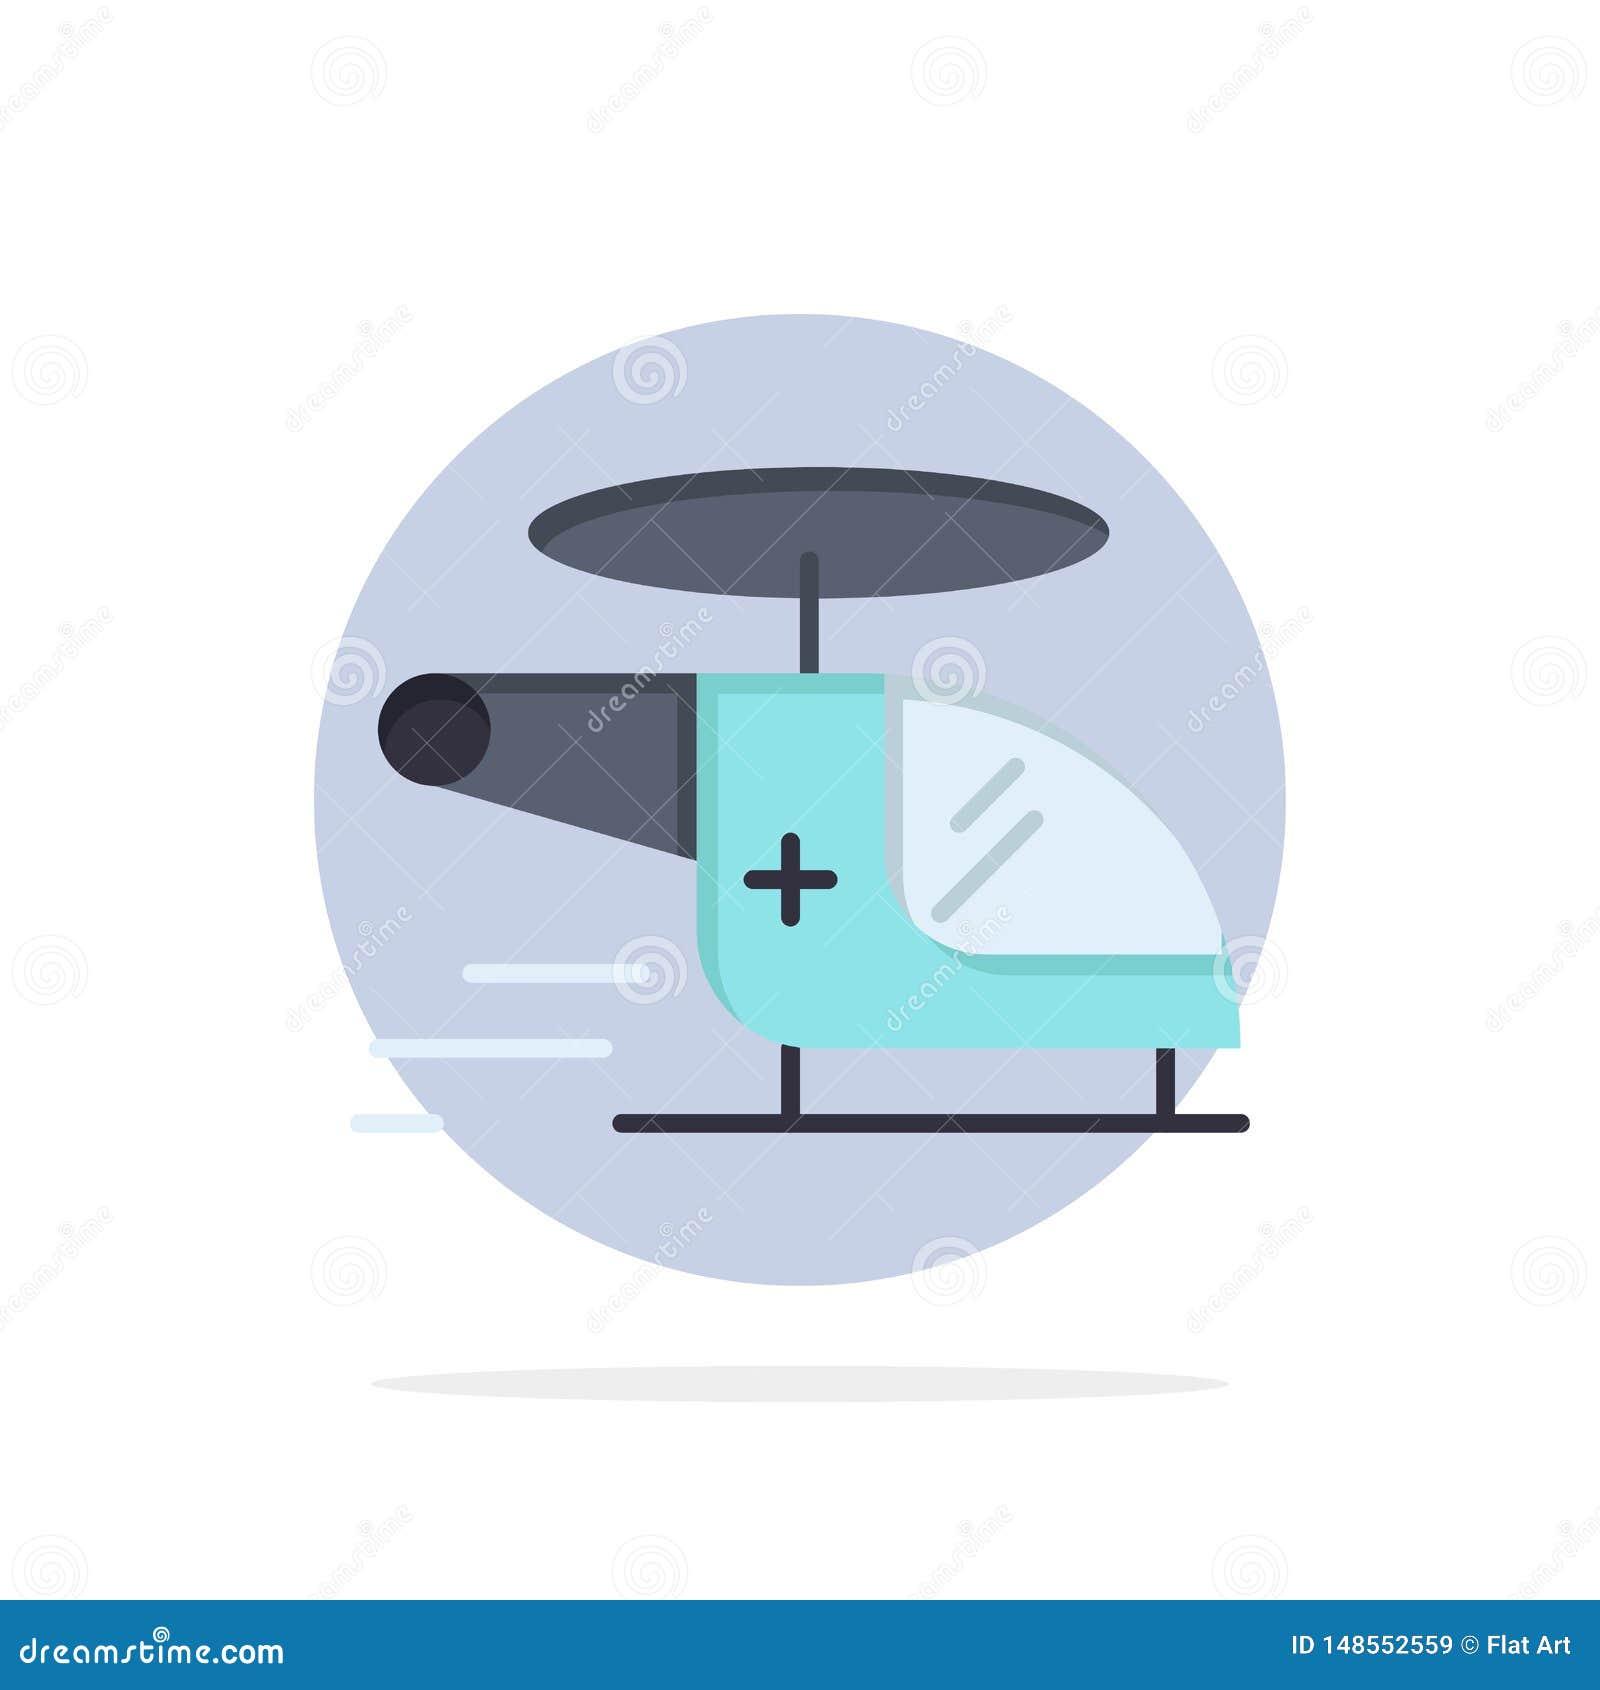 Ελικόπτερο, μπαλτάς, ιατρικός, ασθενοφόρο, αέρα αφηρημένο κύκλων εικονίδιο χρώματος υποβάθρου επίπεδο